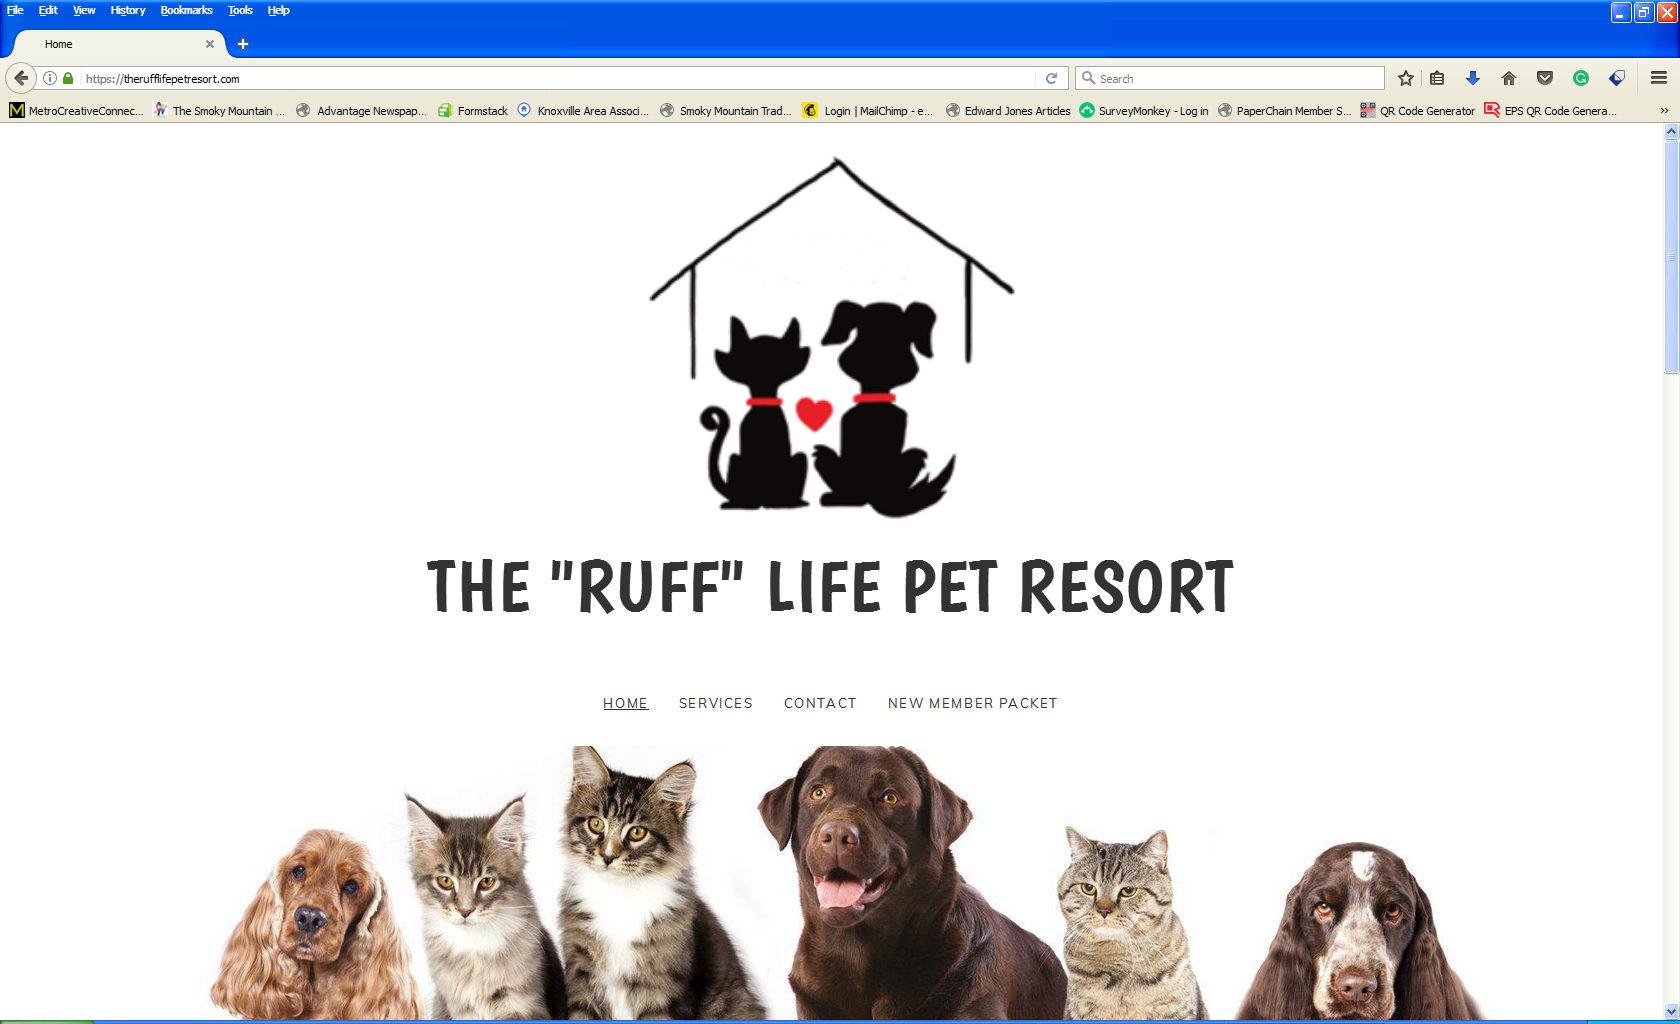 rufflifepetresort-screenshot-5936098